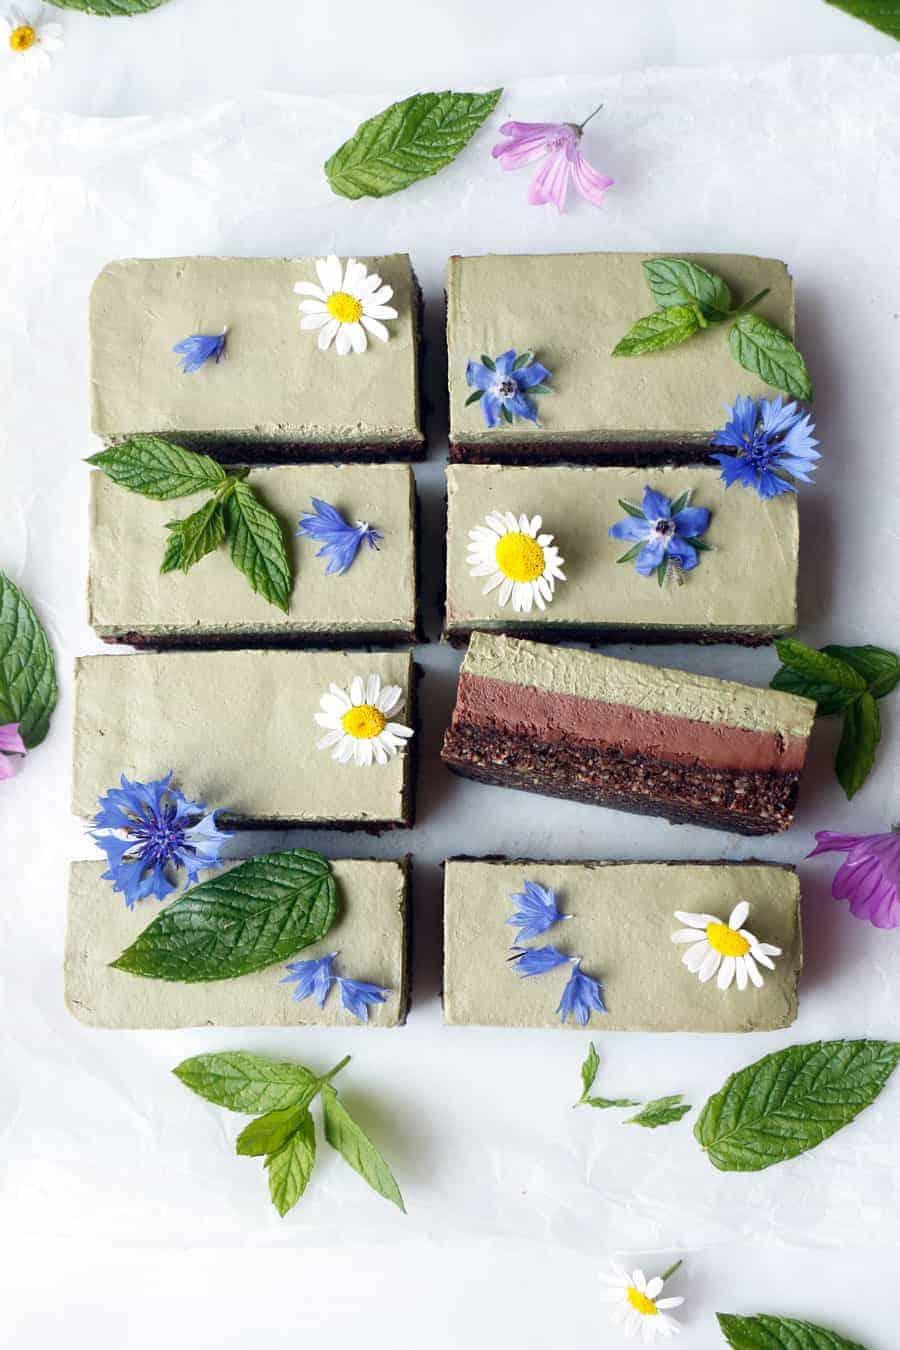 Chocolate Mint Cheesecake (raw, vegan & grain-free)